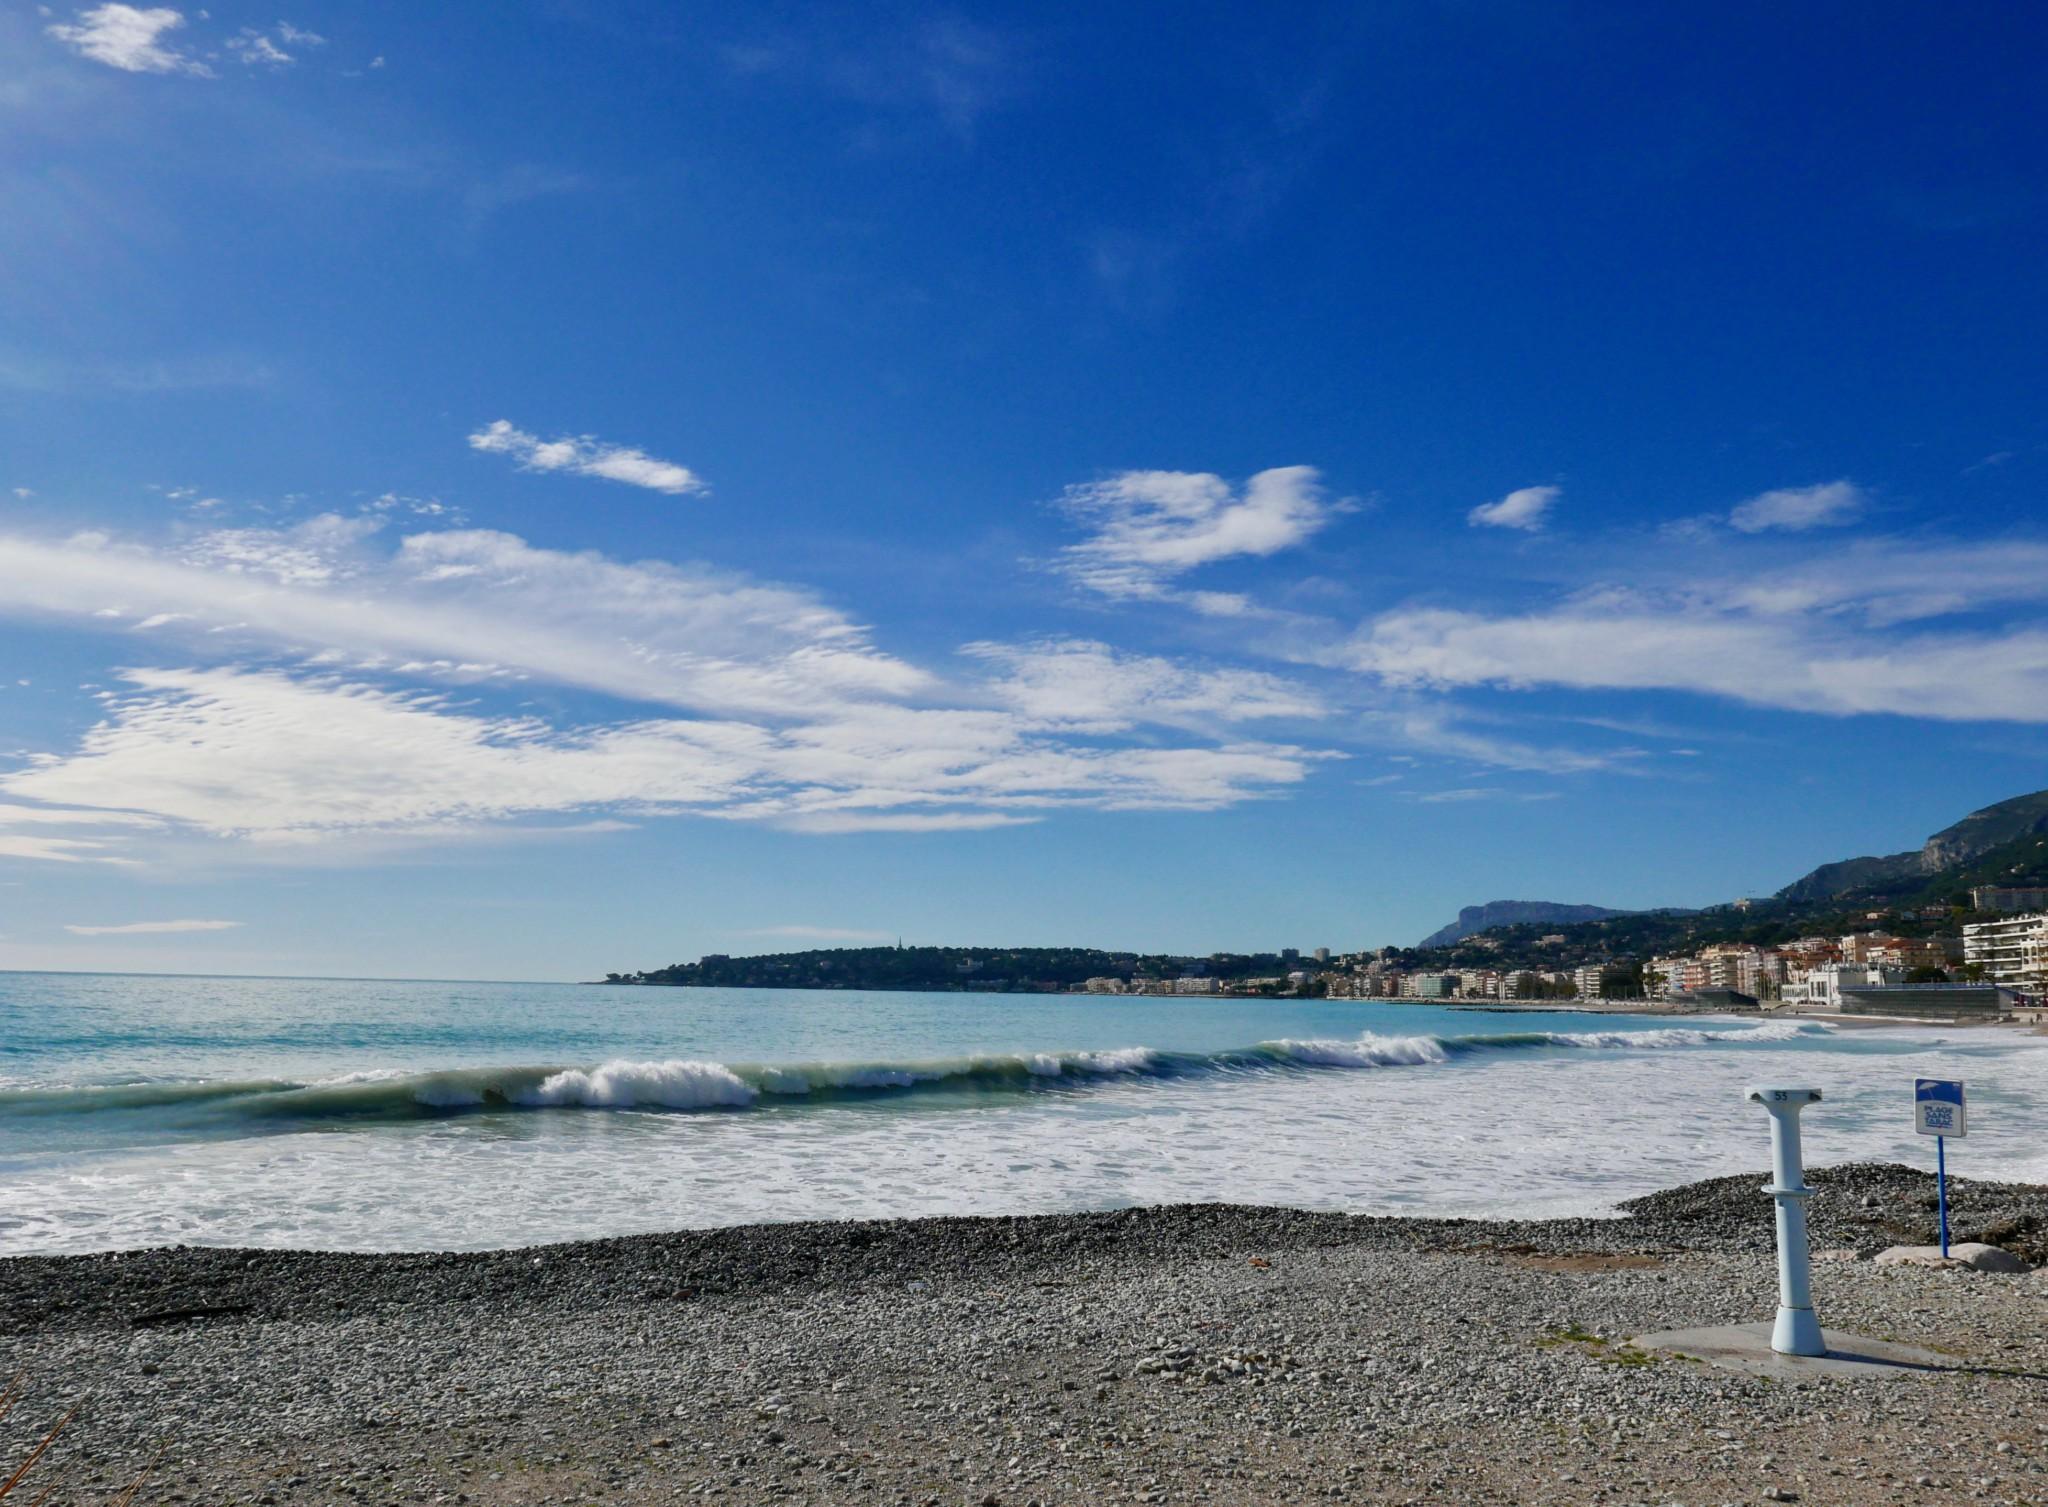 menton-beach-cote-azur-middelhavet